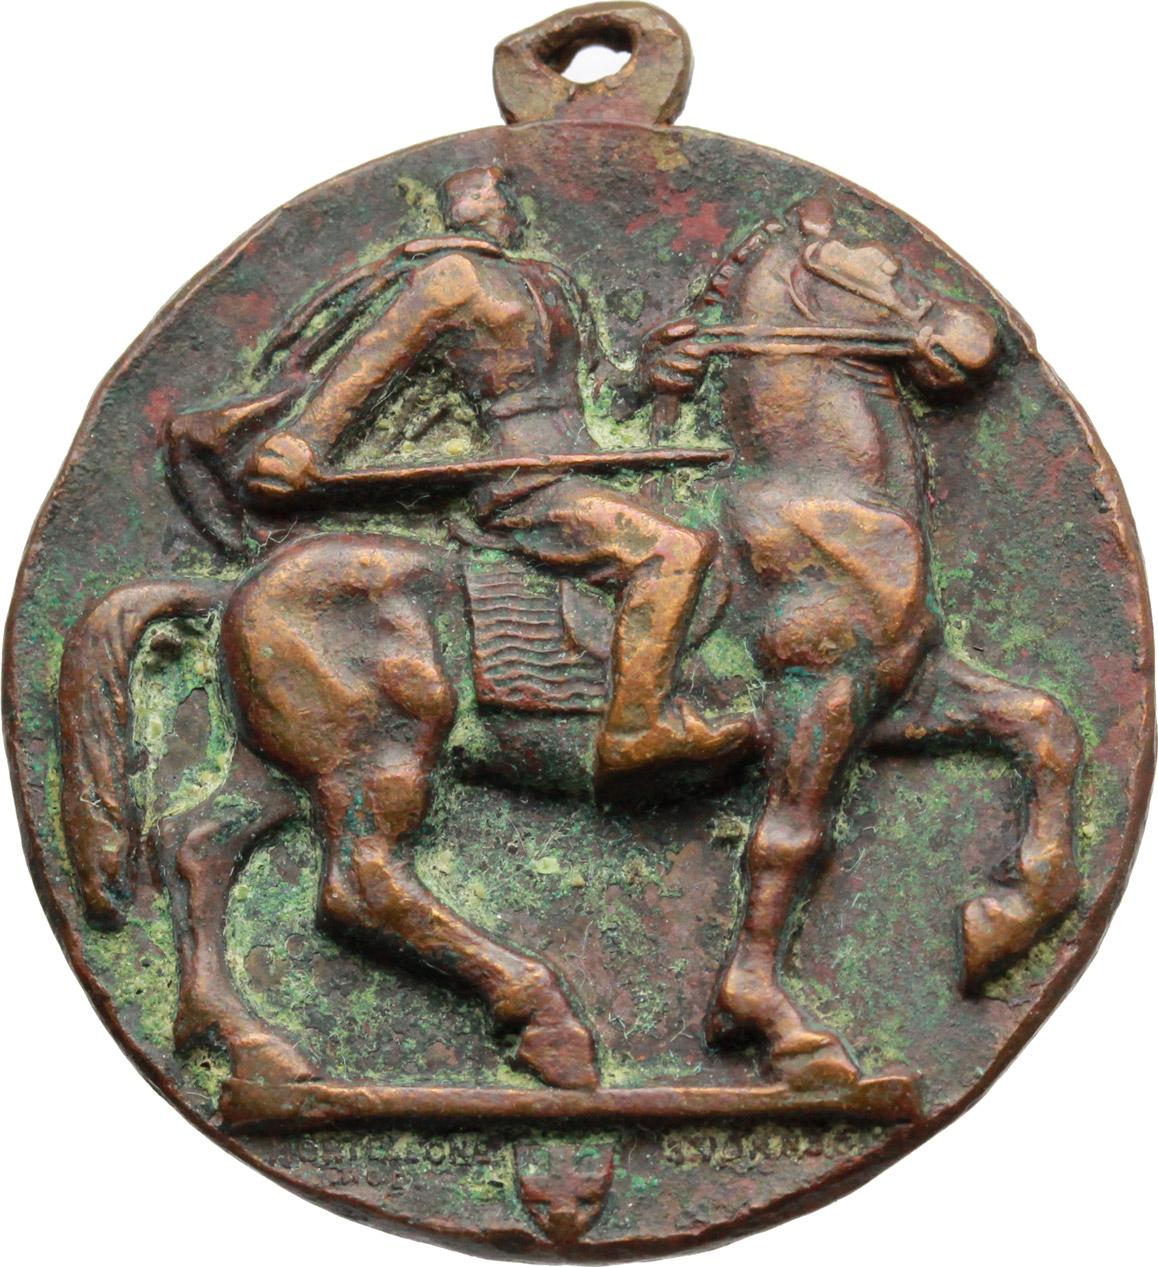 D/  Medaglia A. N. C. Adunata Nazionale Combattenti. Inaugurazione monumento a Diaz, Napoli 29-5-1936, XIV.     AE.   mm. 32.00    qBB.